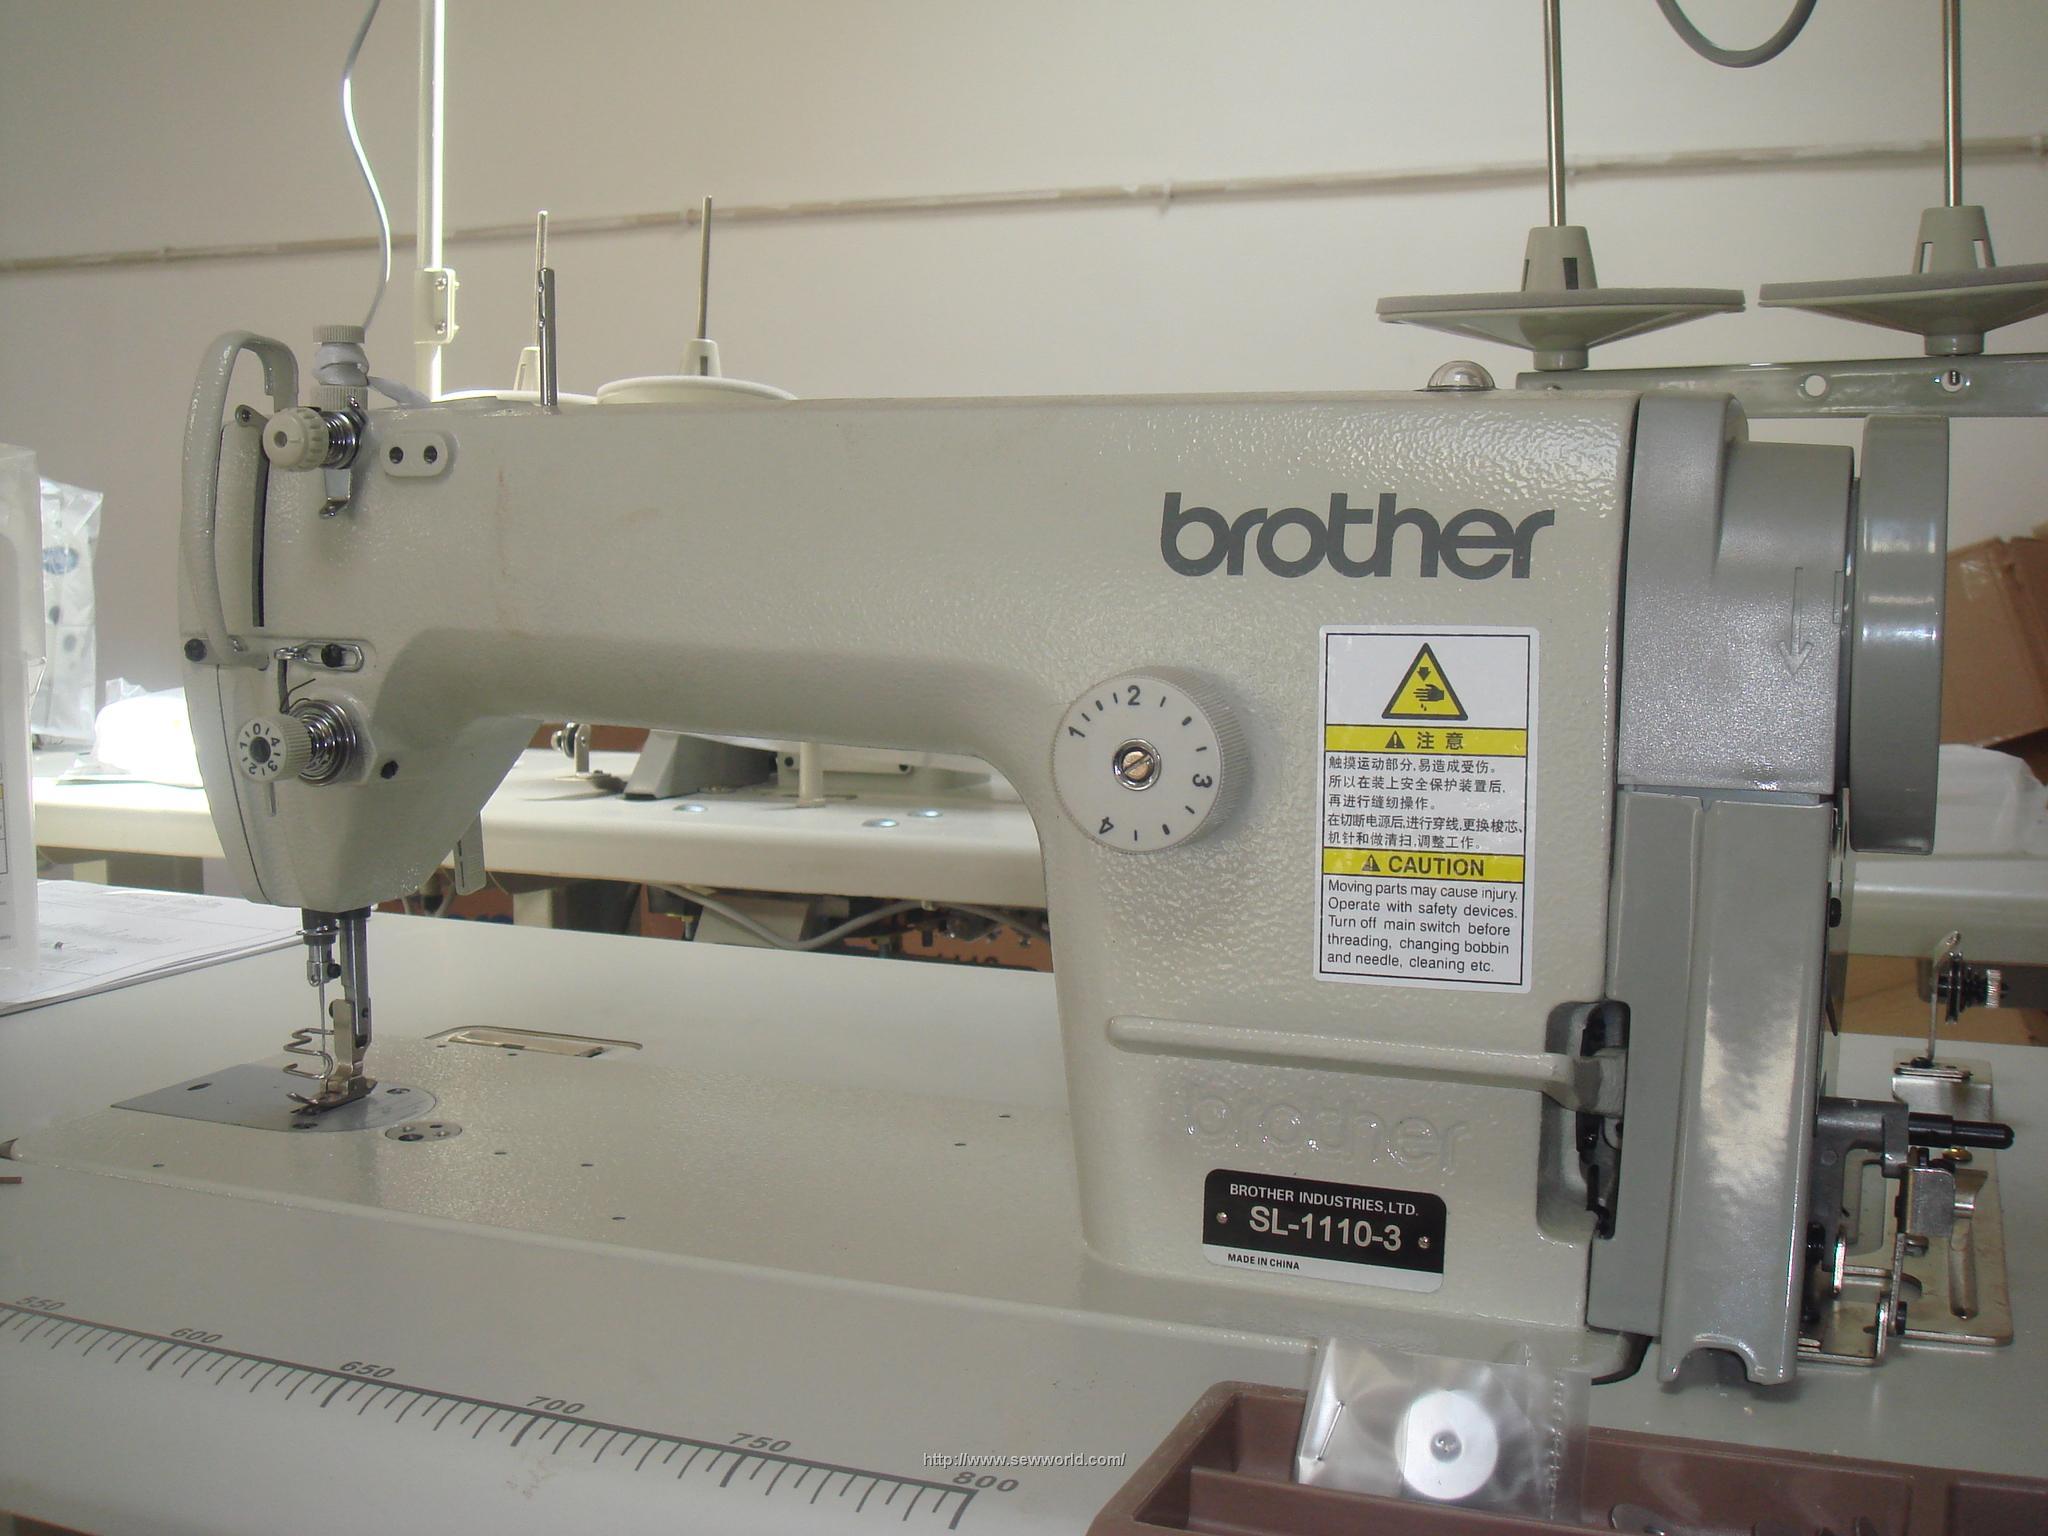 优质兄弟缝纫机(图)|南京丰鑫缝纫设备经营部 - 纺织